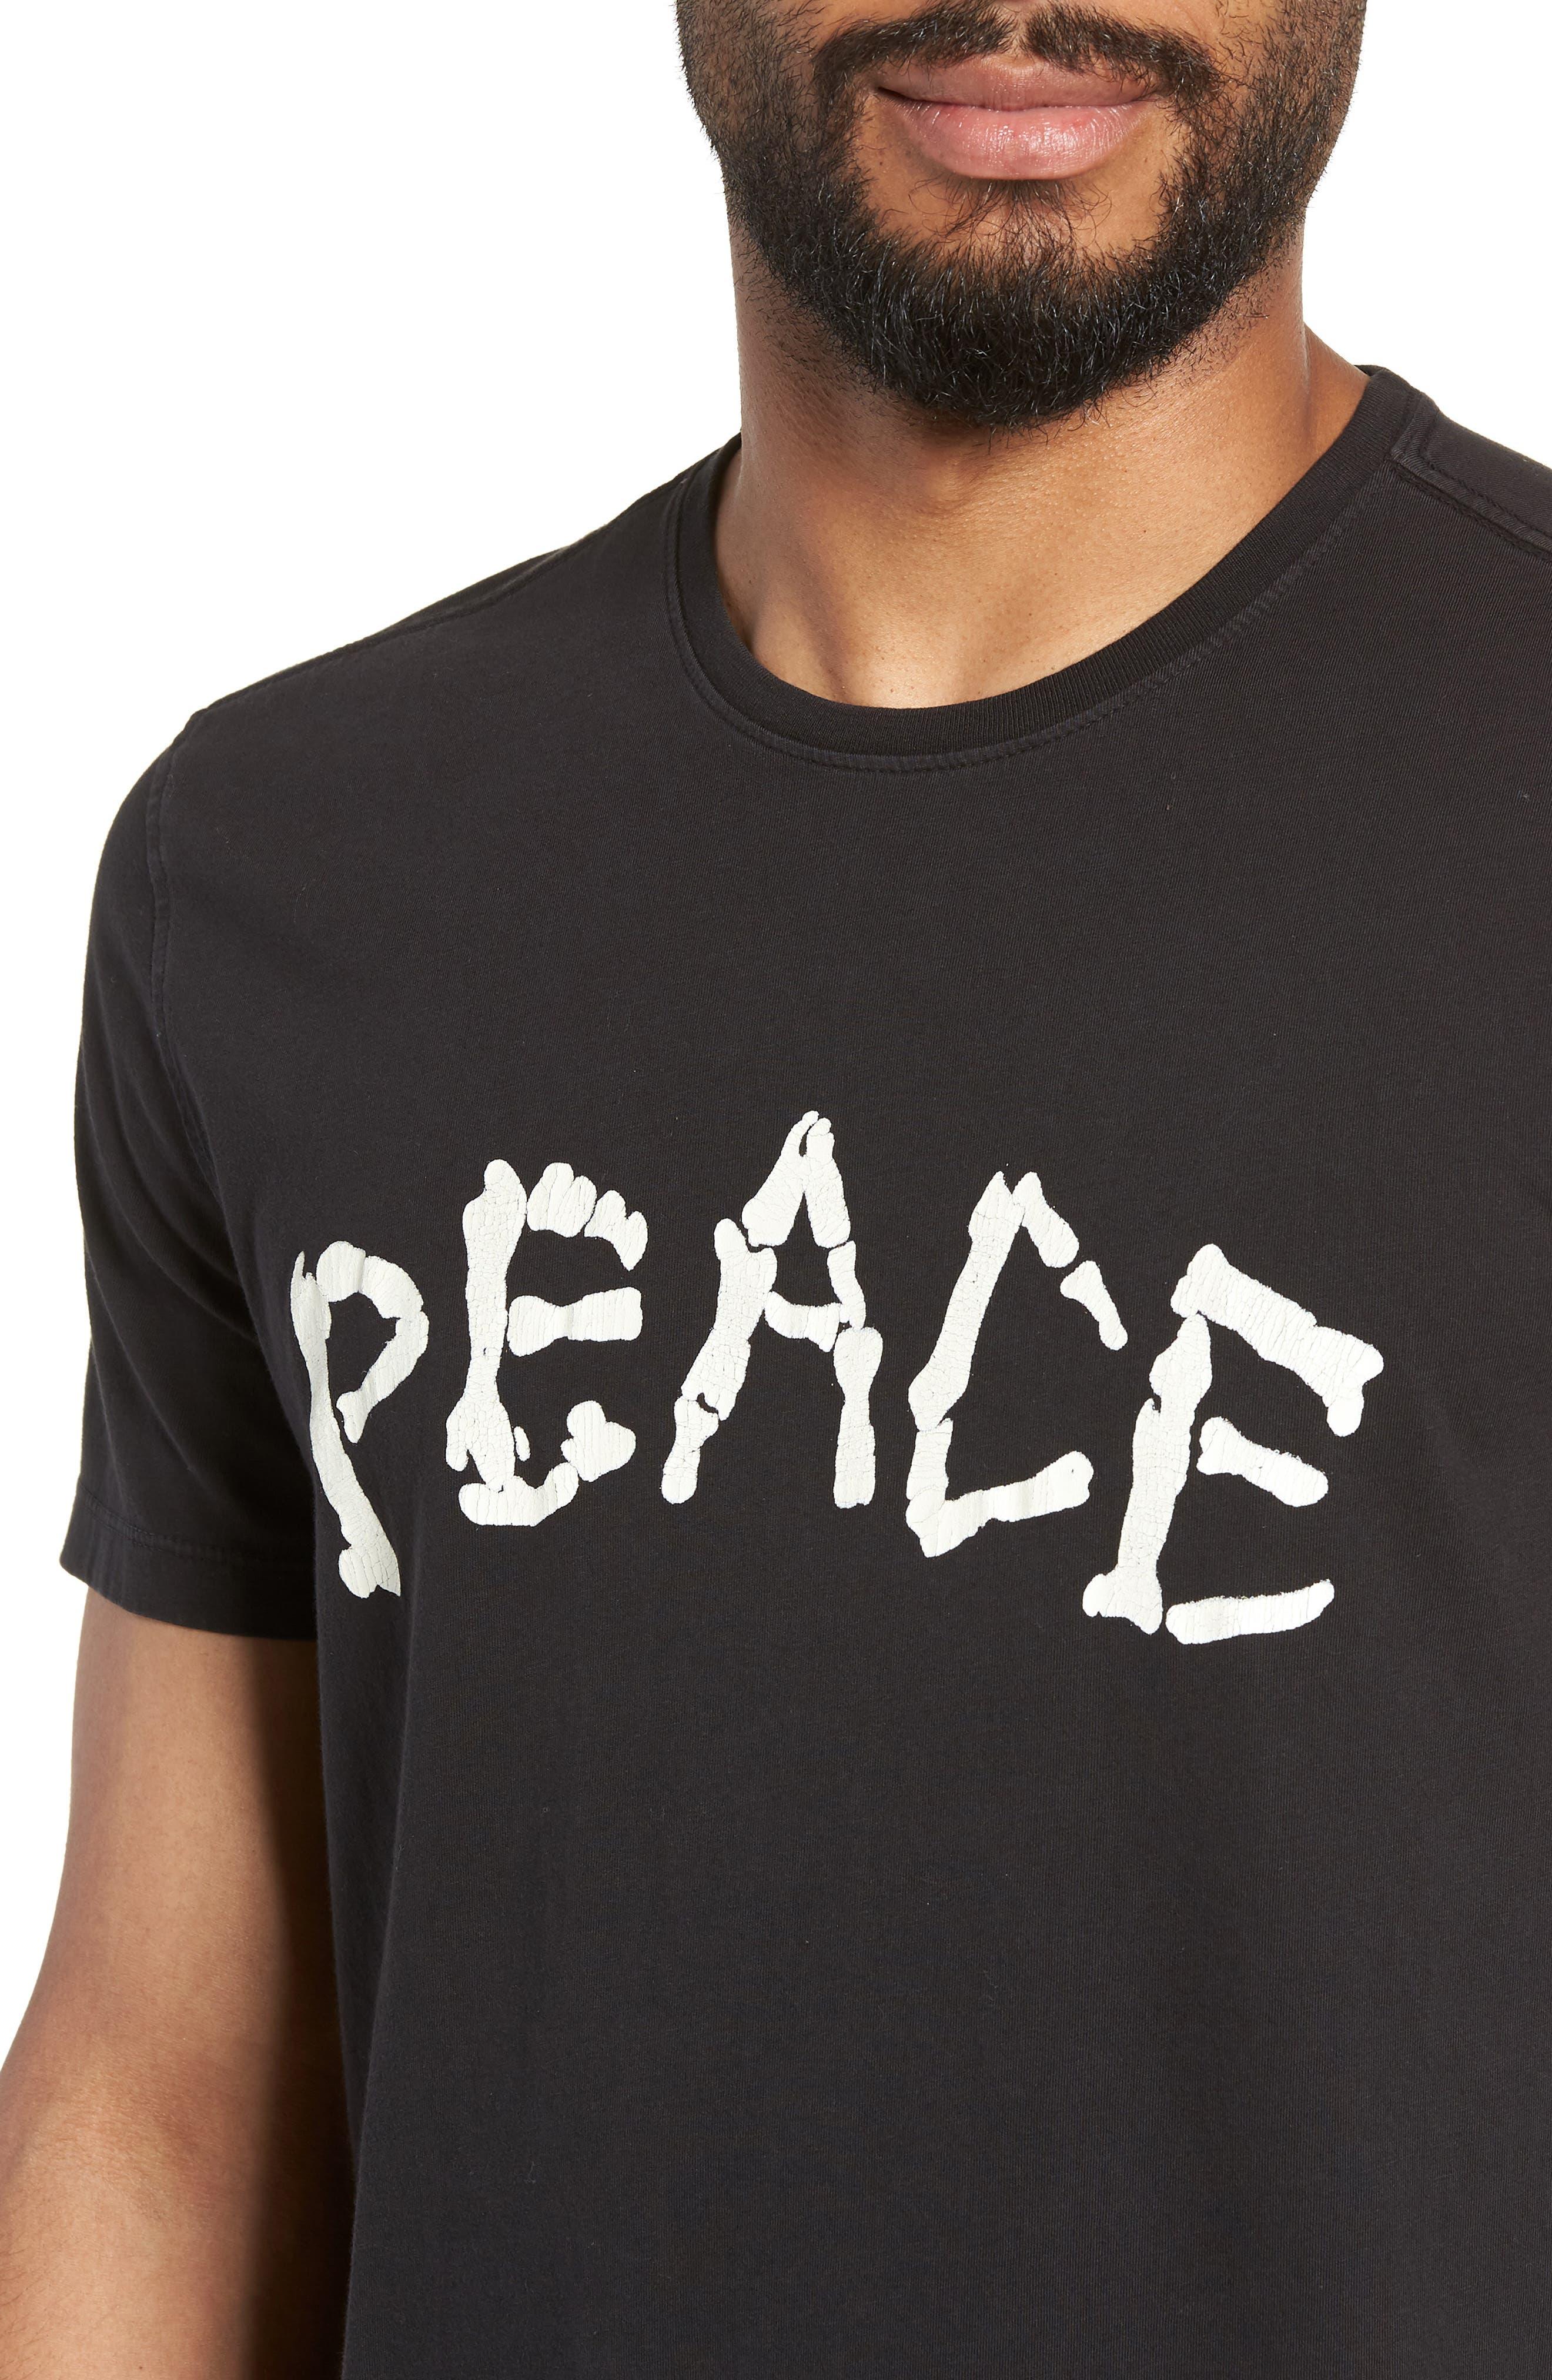 Skeleton Peace Graphic T-Shirt,                             Alternate thumbnail 4, color,                             BLACK